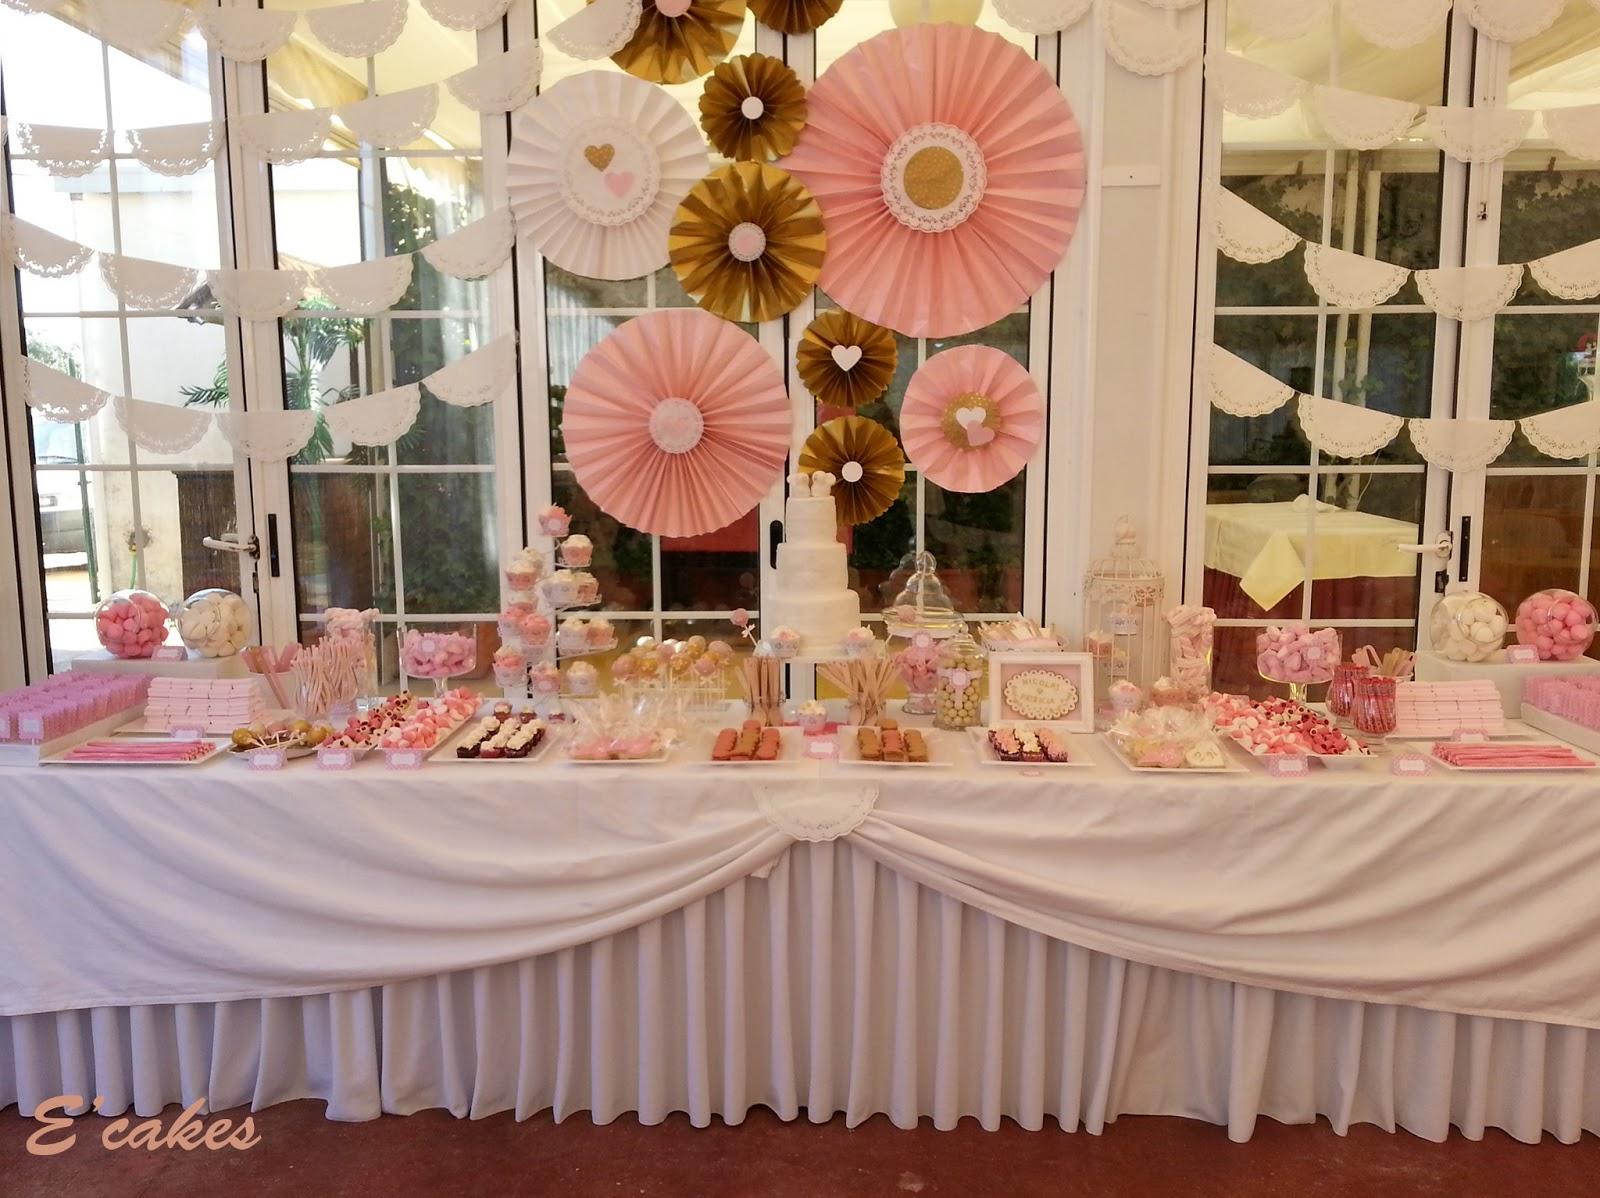 Harina y huevo boda de patricia y nicol s for Ideas para mesas de chuches